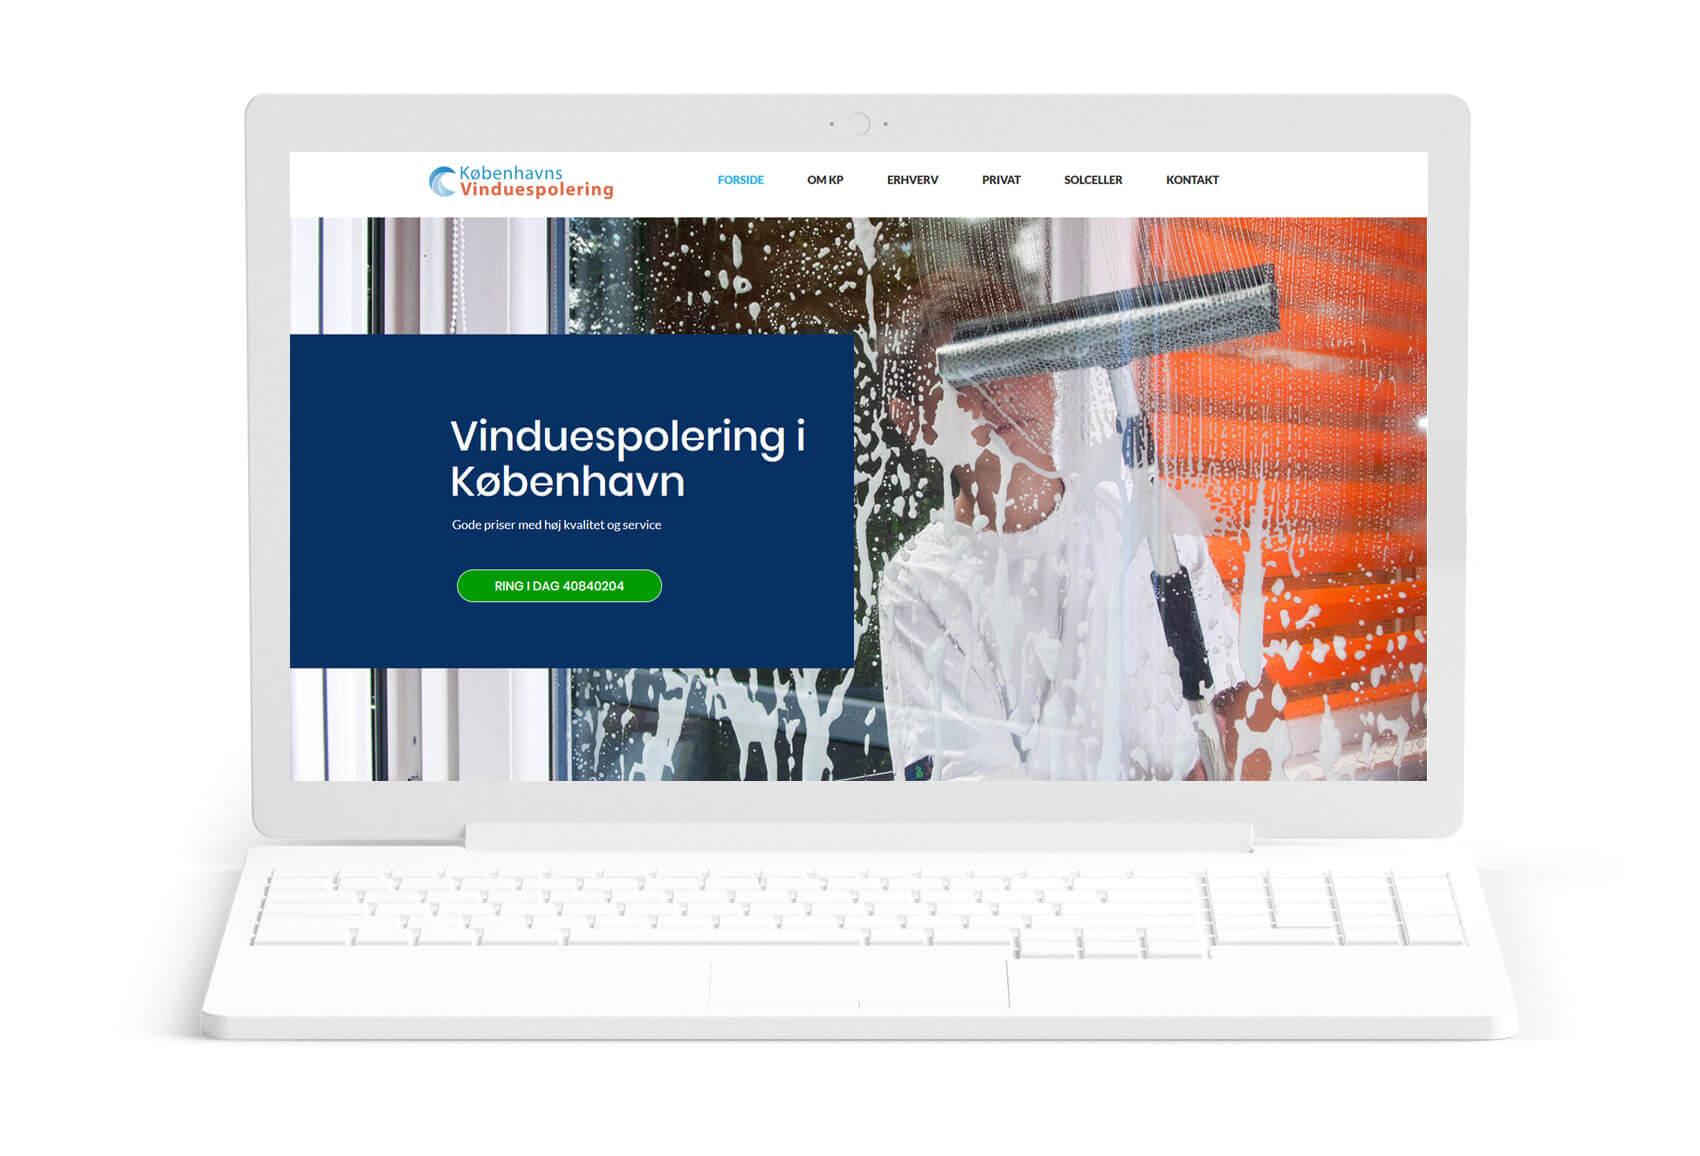 københavns vinduespoliering